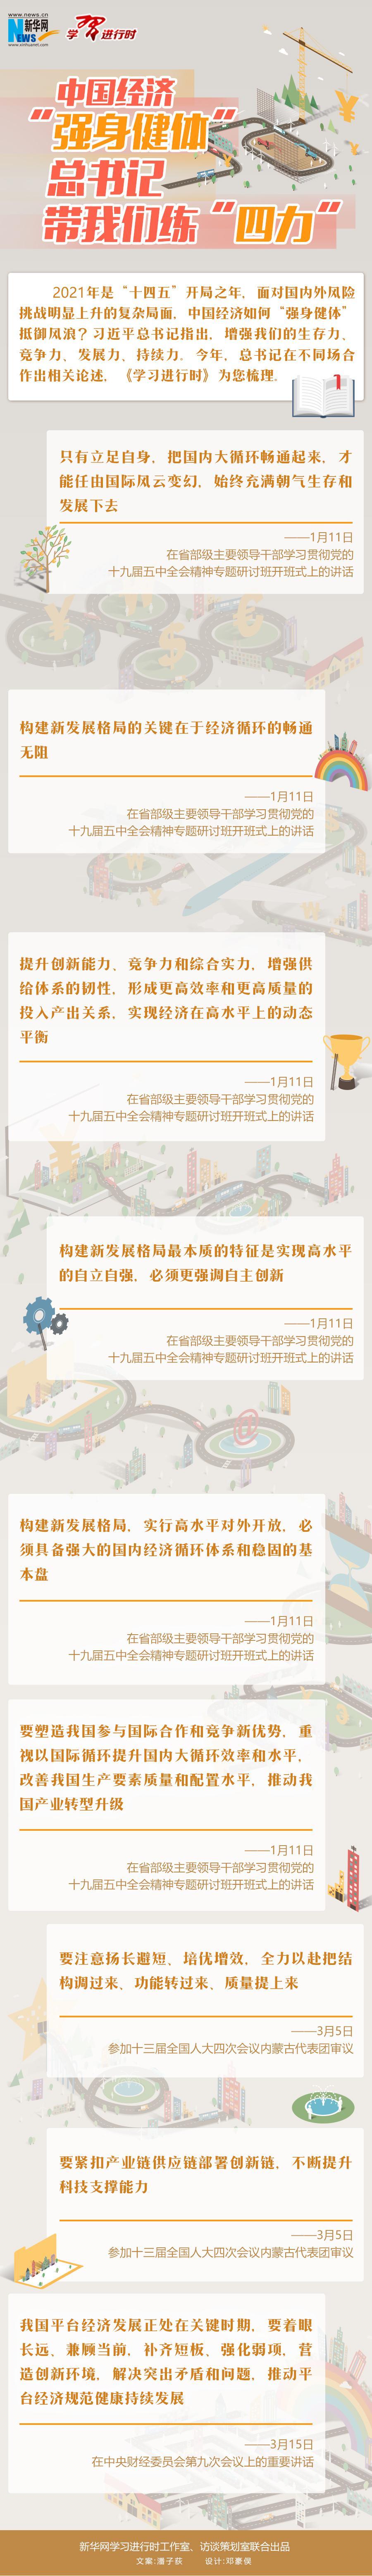 """中国经济""""强身健体"""" 习近平带我们练""""四力""""图片"""